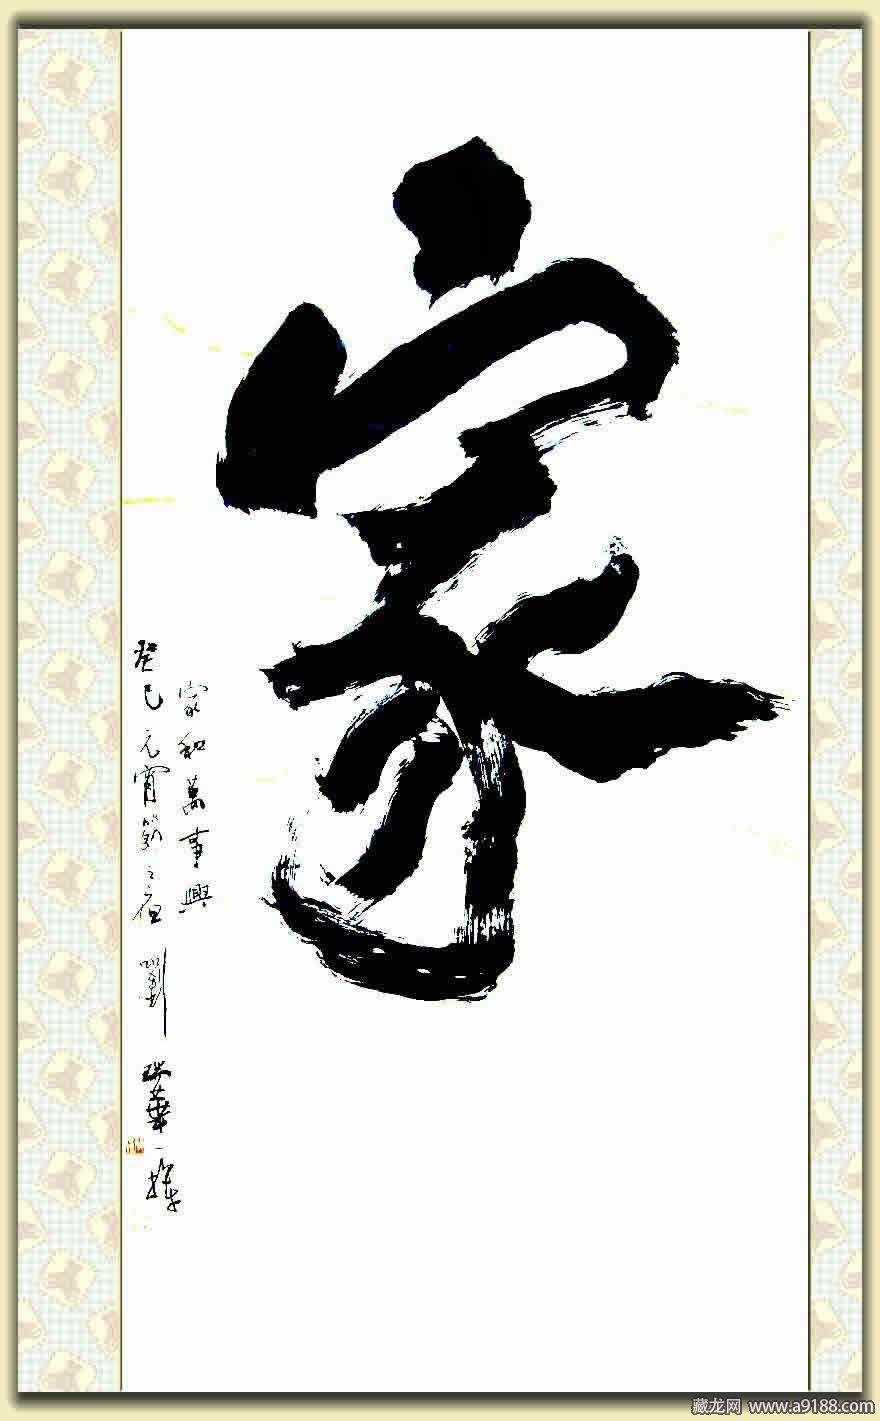 《家》,款识:家和万事兴,癸巳元宵节之夜,沧州刘瑞华一挥。.JPG